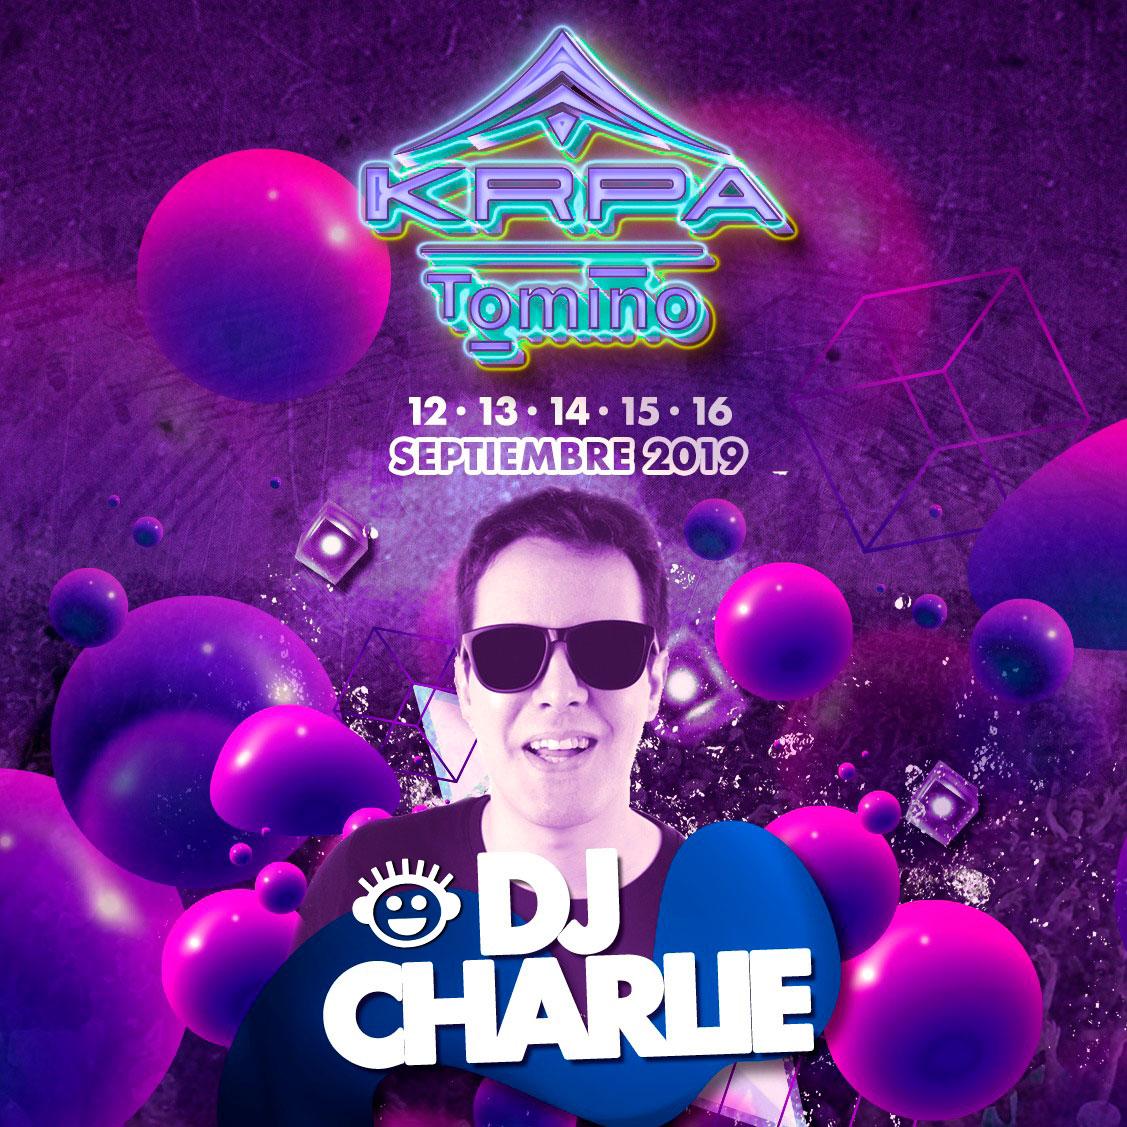 14-09-2019-KRPA-DJ-Charlie